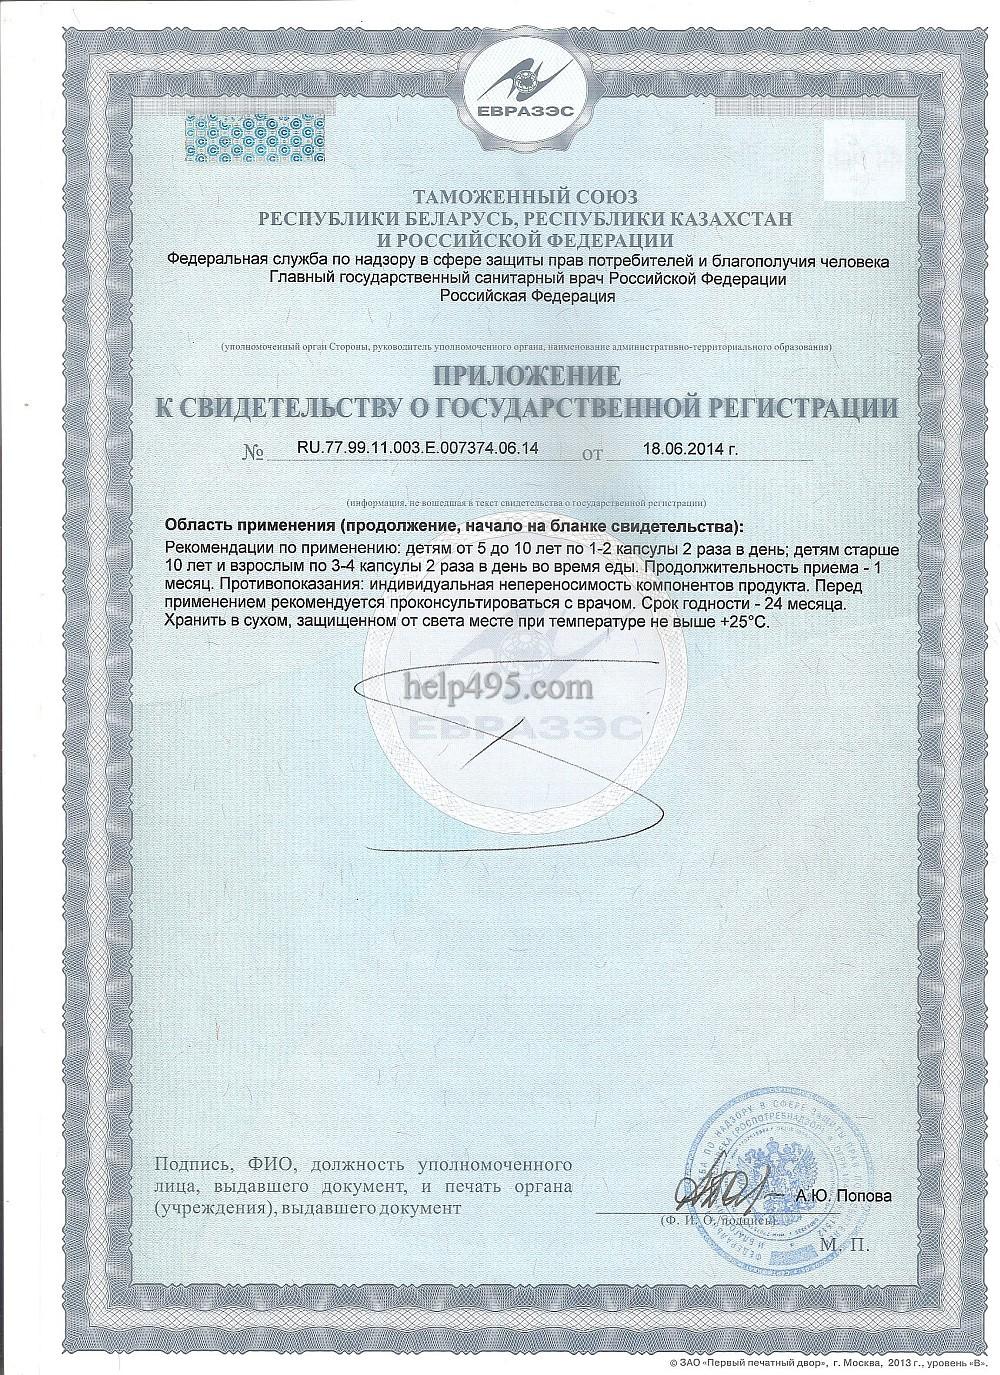 2-ая стр. сертификата препарата: Капсулы с цинком Тяньши